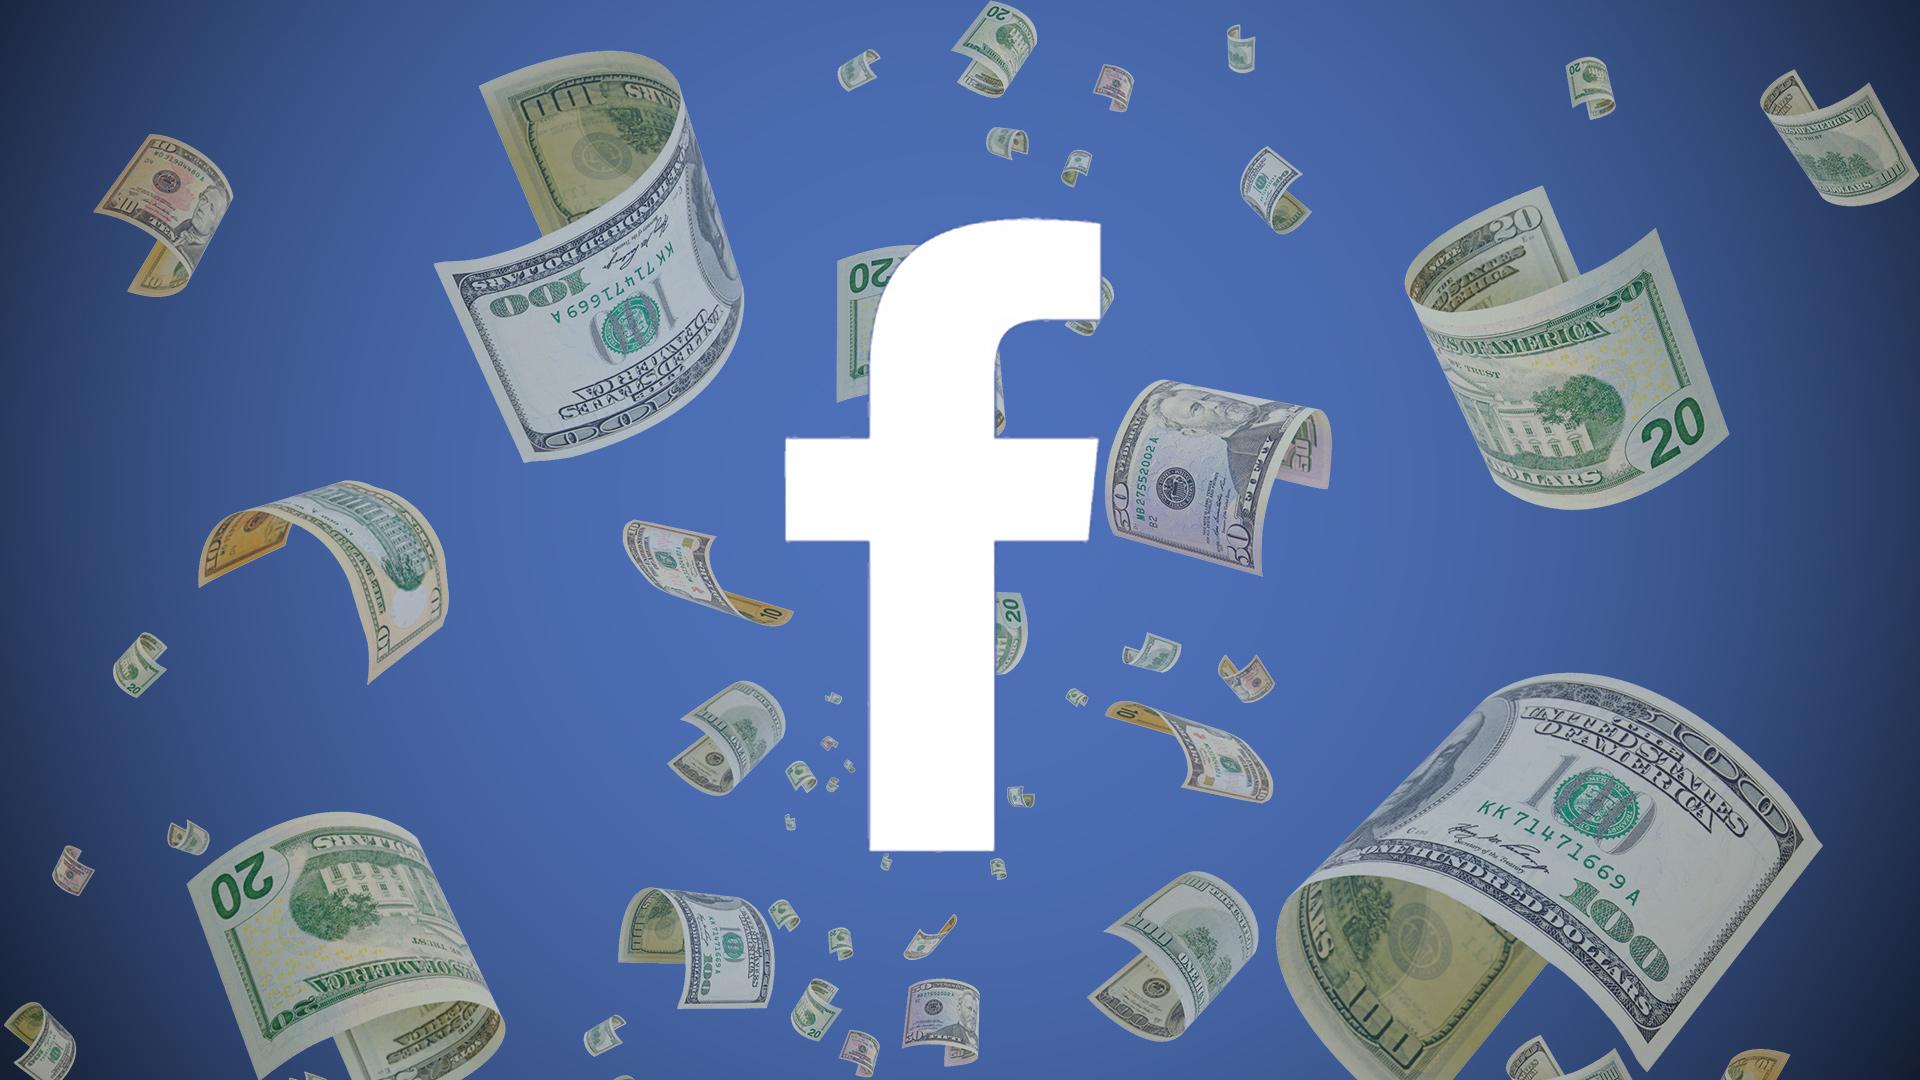 facebook-money-revenue-dollars4-ss-1920